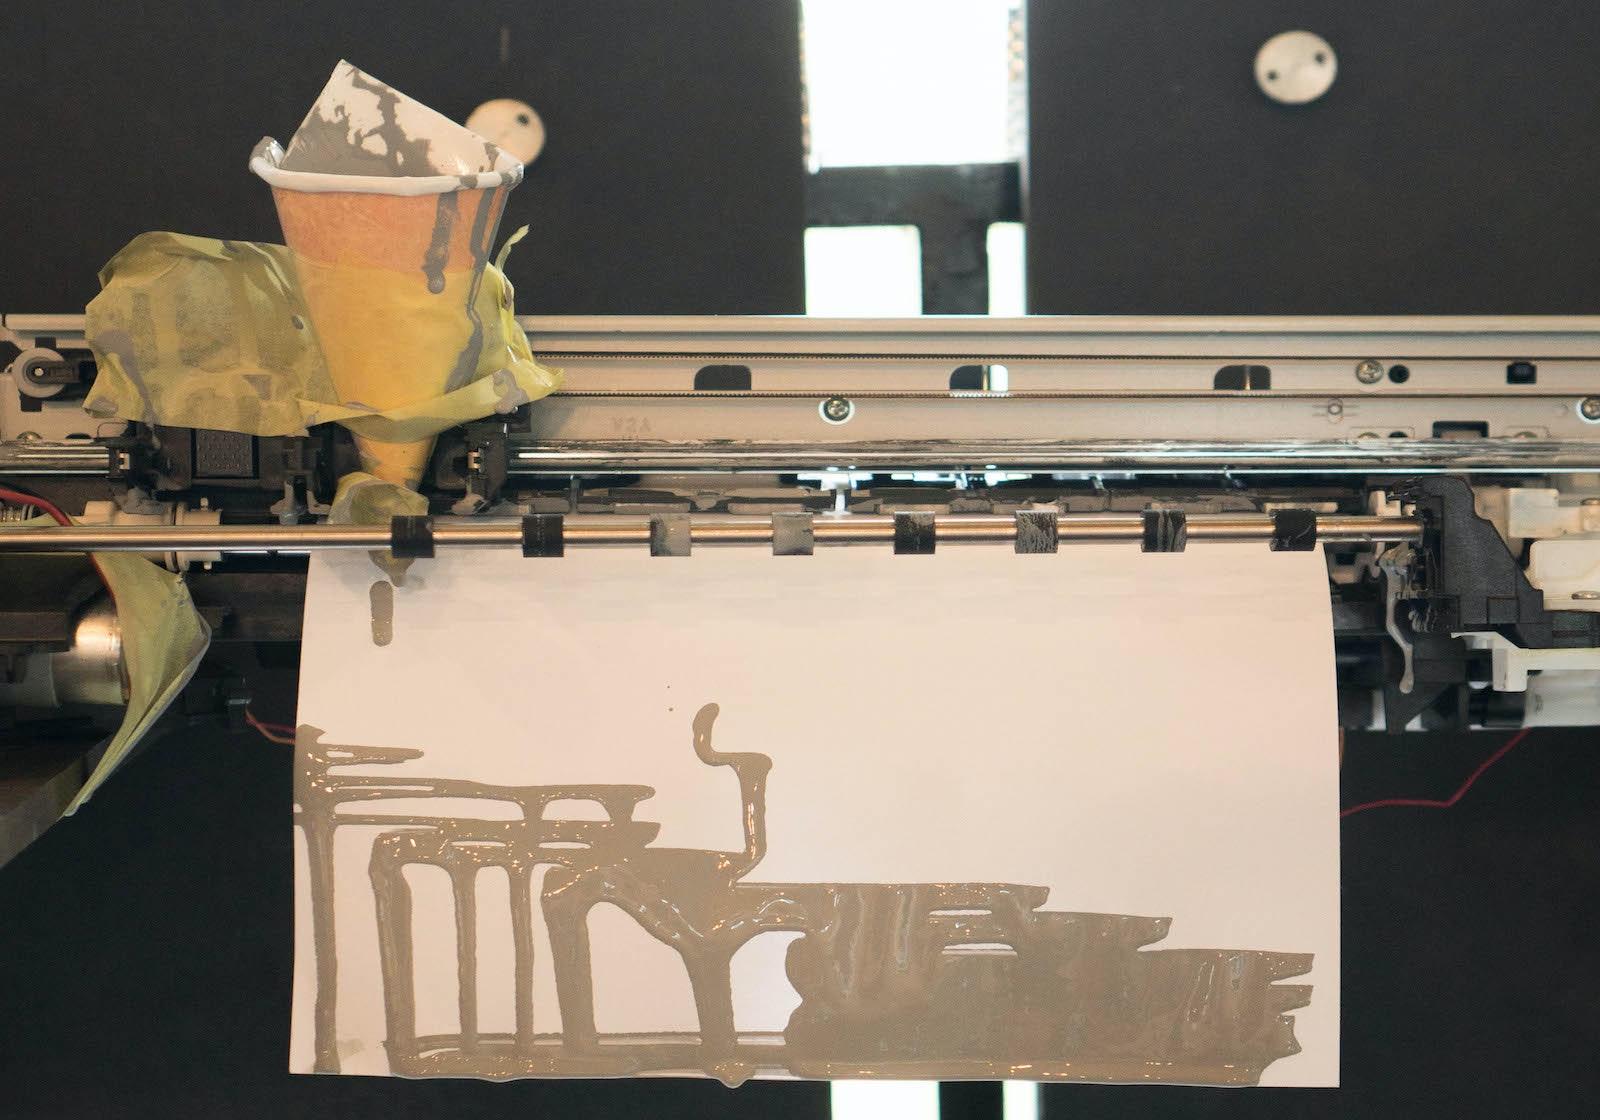 Nach dem Workshop malt der Tintenstrahldrucker nur noch mit Acrylfarbe.